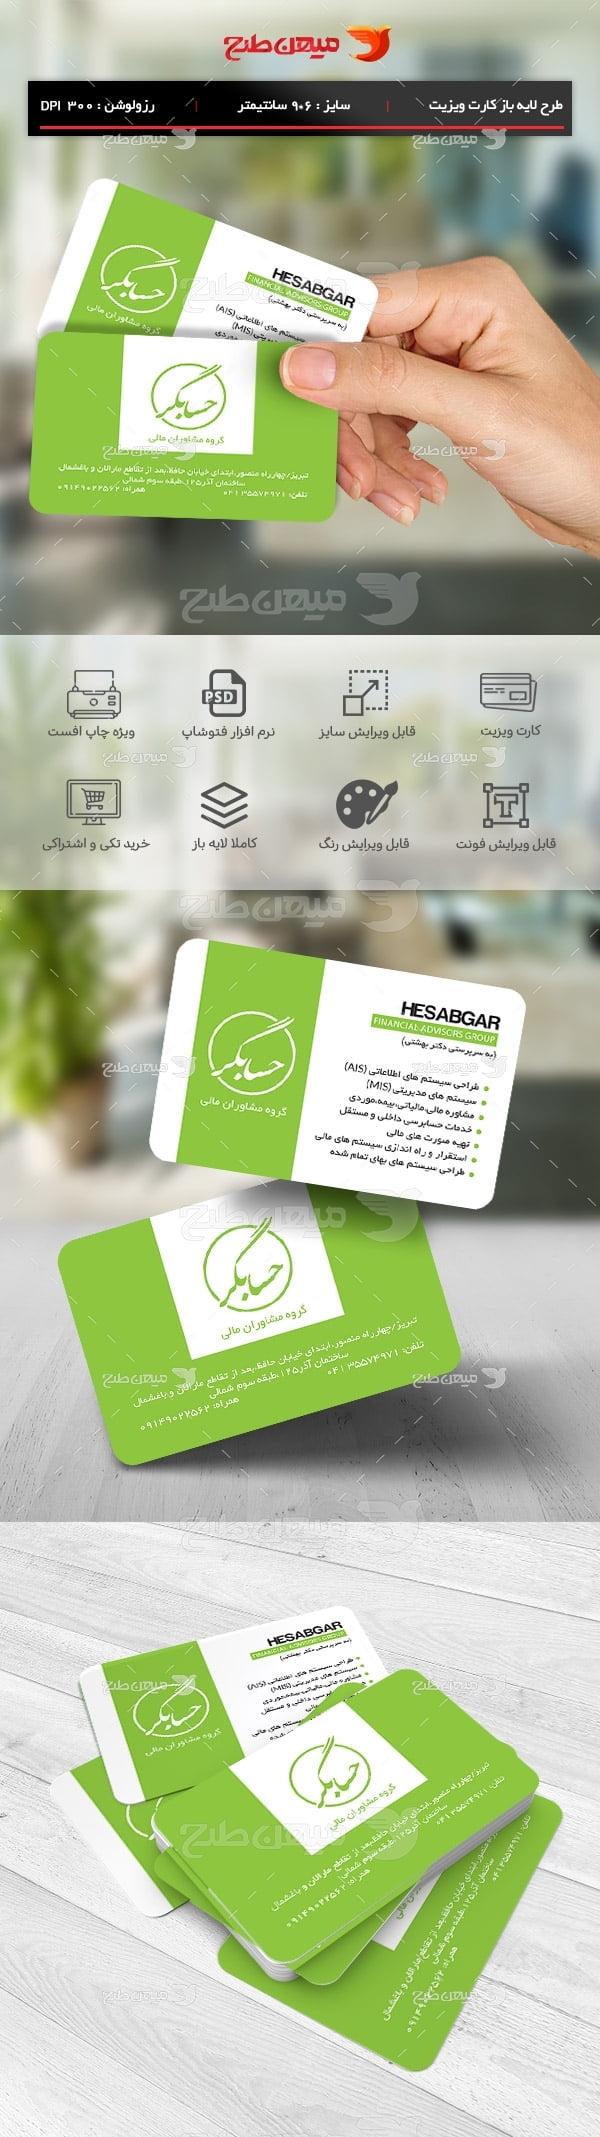 کارت ویزیت شرکت حسابداری و مالی